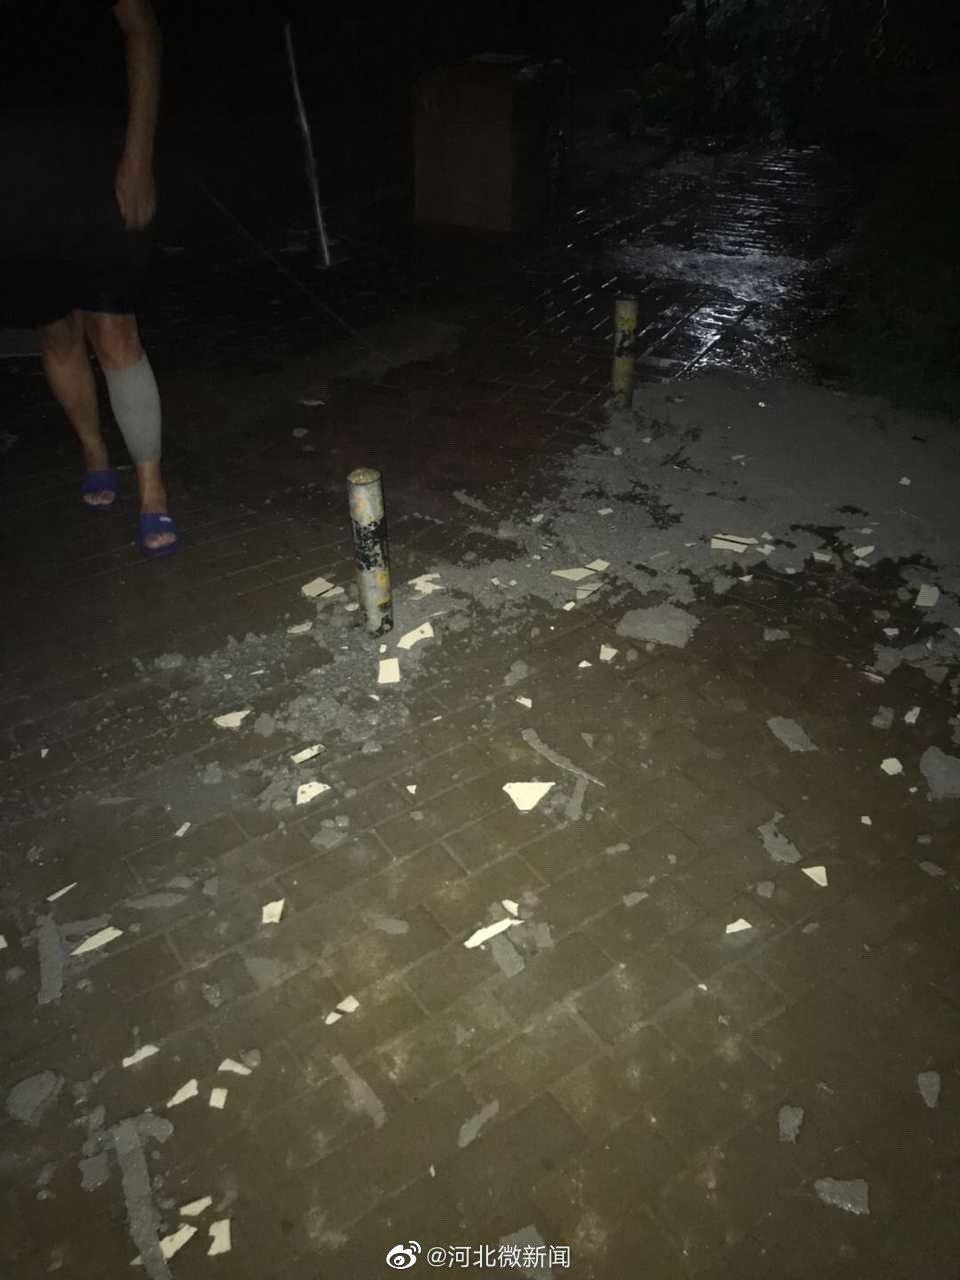 网友:石家庄鹿泉棕榈湾,昨天晚上鹿泉7点15分刮大风下大雨